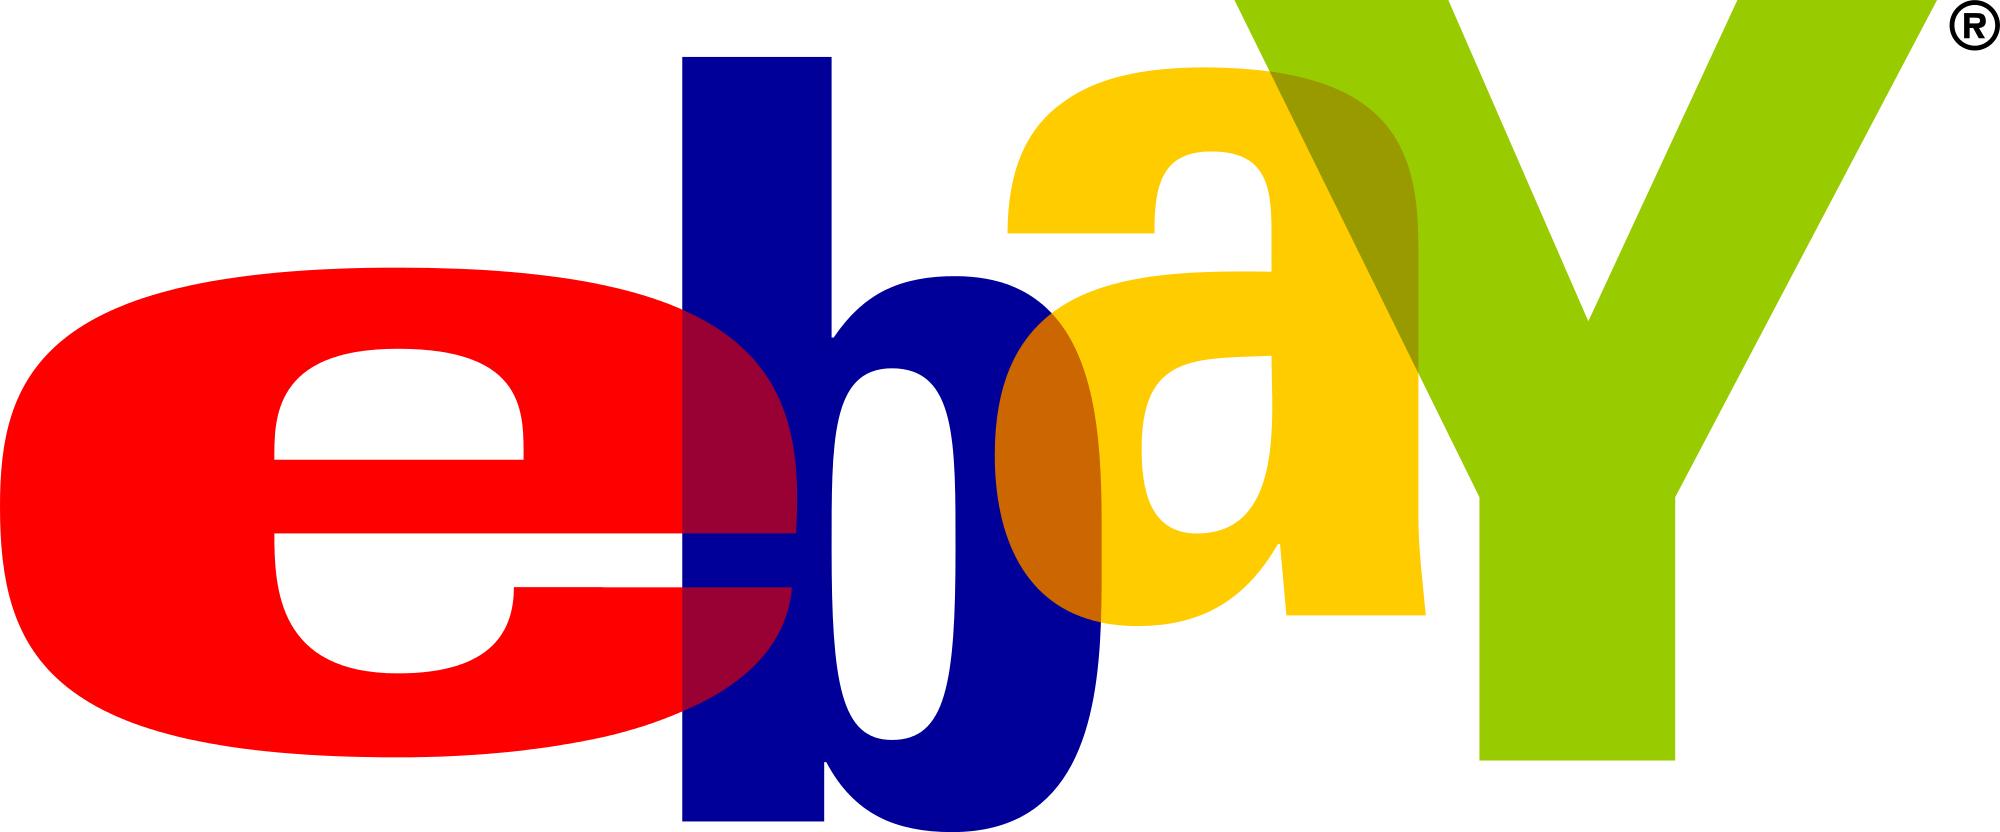 Verlängert bis 15.10.: [Ebay] Maximal 5 Euro Verkaufsprovision für bis zu 10 Angebote Auktion UND Sofortkauf